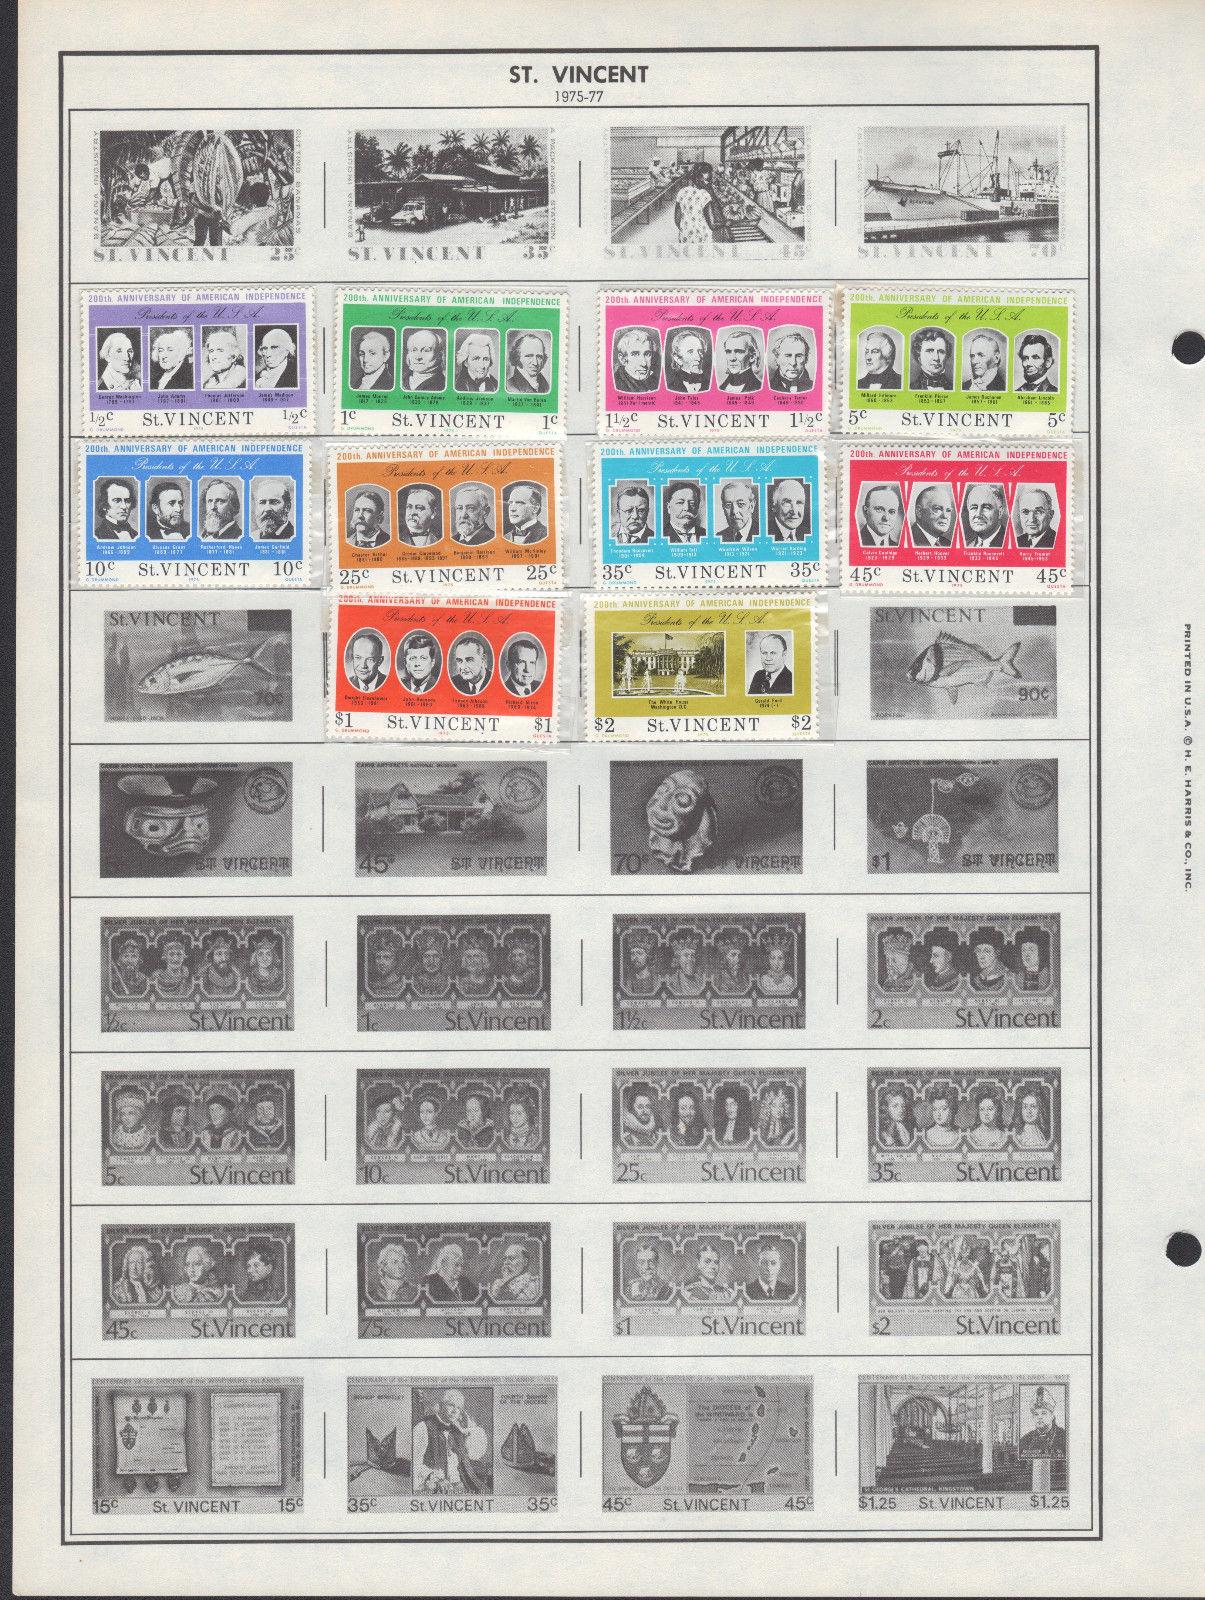 21 St Vincent 1940-1980 stamps